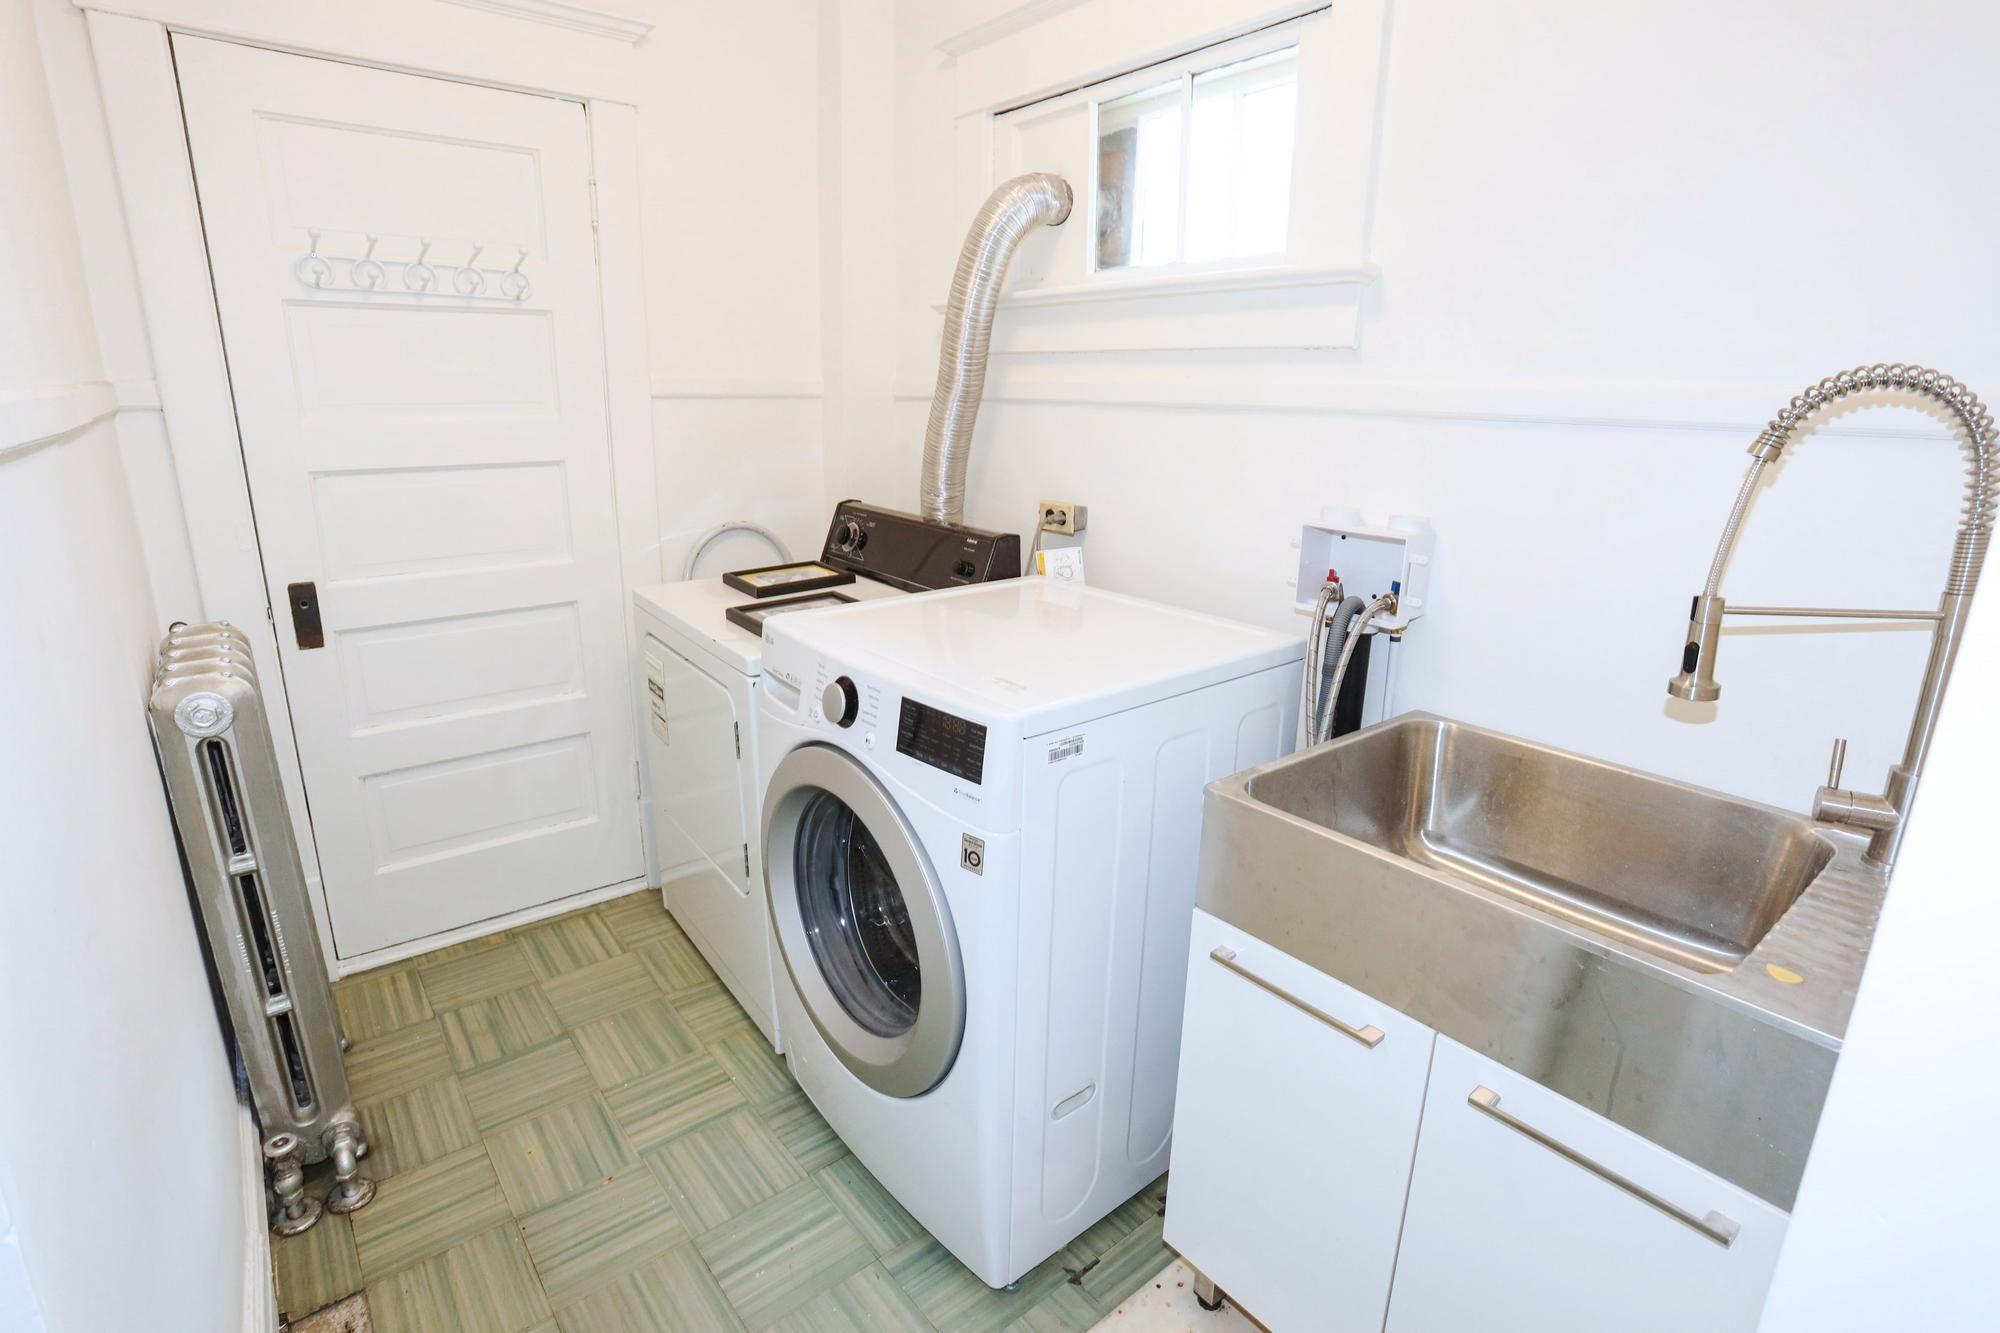 Photo 27: Photos: 35 Lipton Street in Winnipeg: Wolseley Single Family Detached for sale (5B)  : MLS®# 202110486